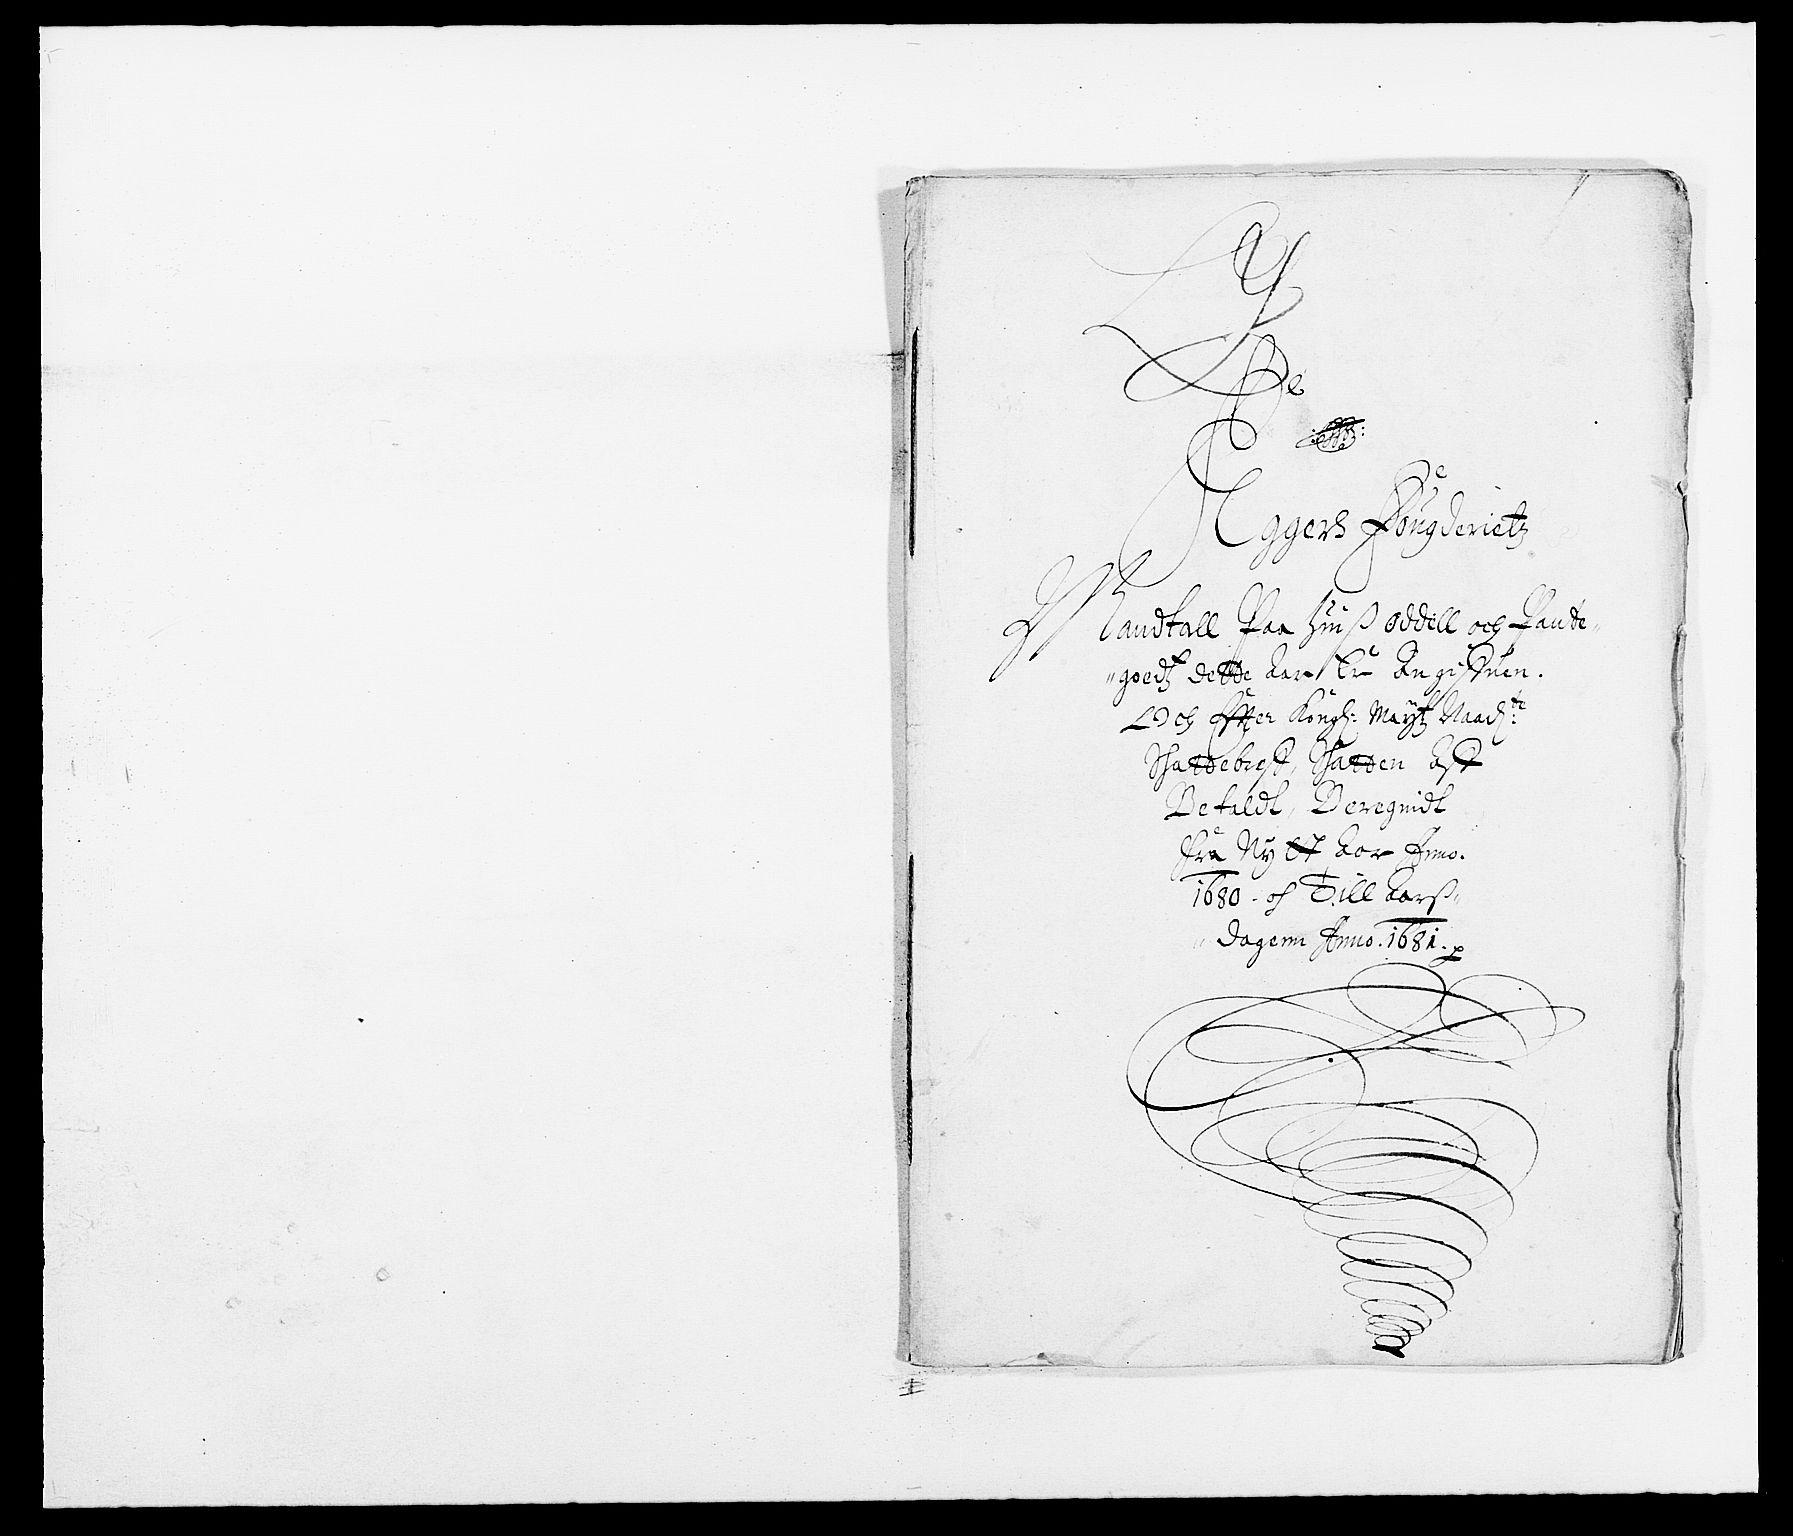 RA, Rentekammeret inntil 1814, Reviderte regnskaper, Fogderegnskap, R08/L0417: Fogderegnskap Aker, 1678-1681, s. 129